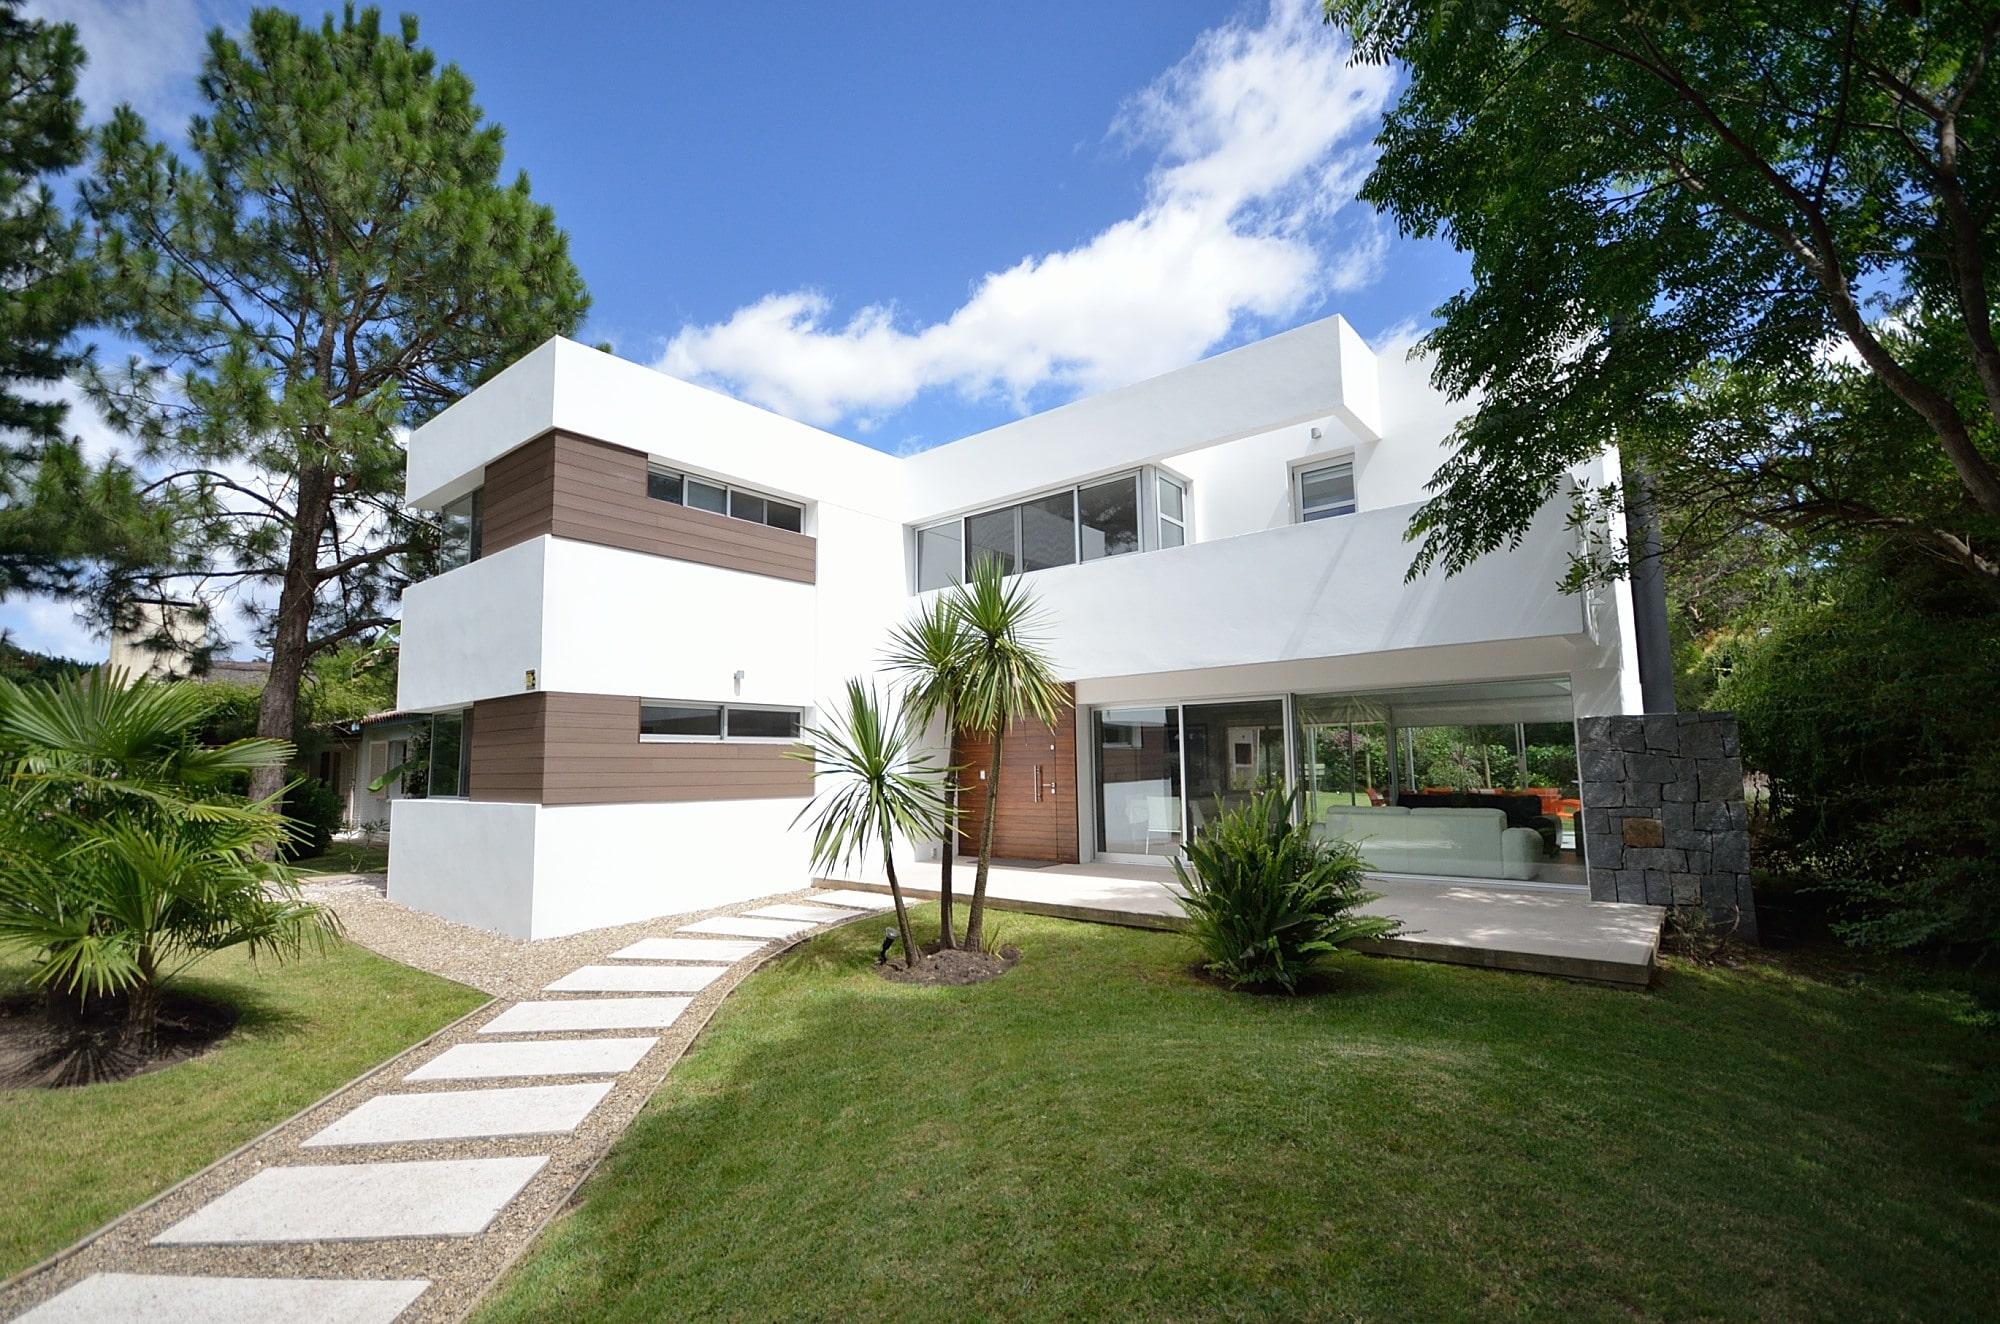 Nuevas fotos de la casa de estilo moderno brava house for Fachadas de casas nuevas modernas